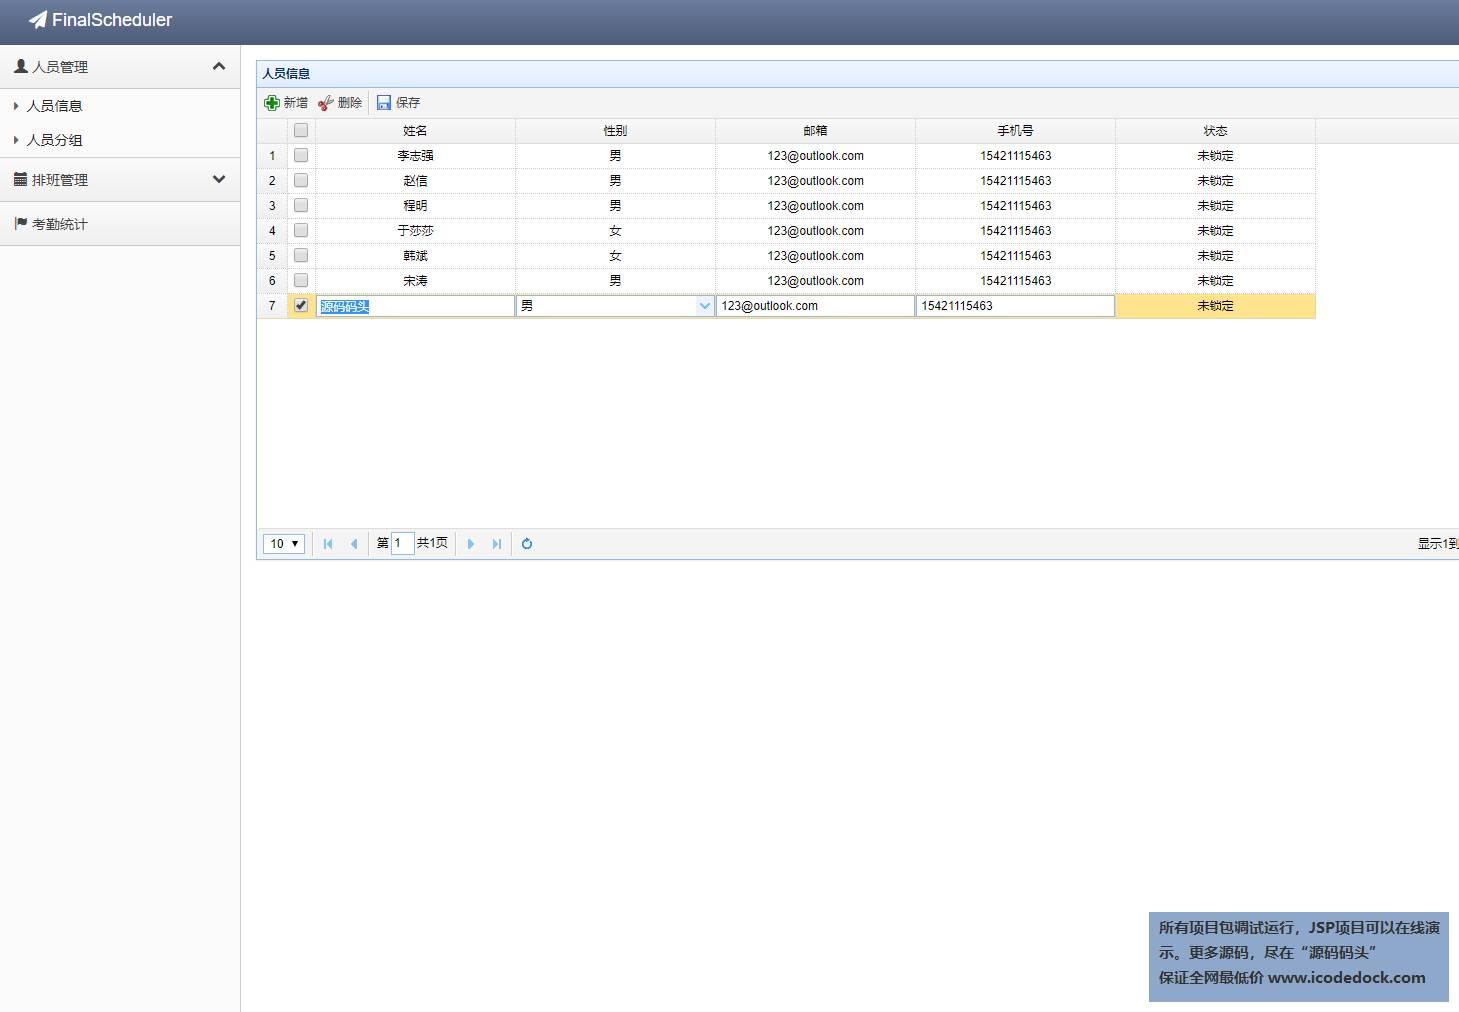 源码码头-Spring自动排班管理系统-管理员角色-人员信息管理